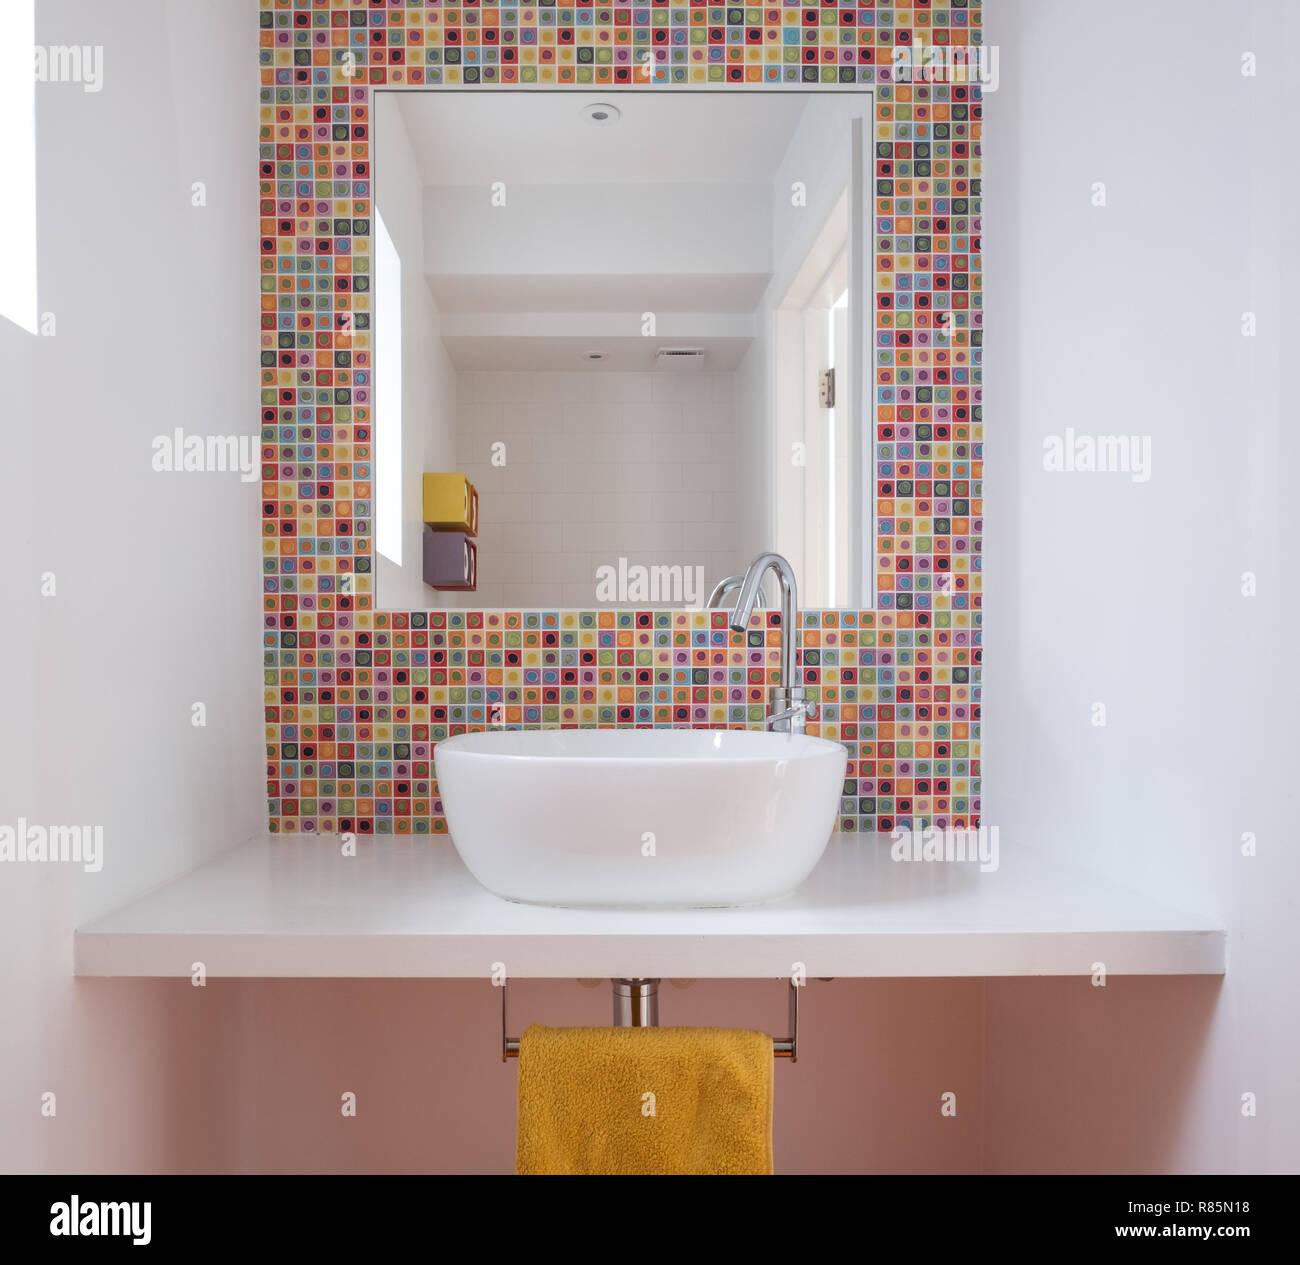 Lavabi Bagno In Vetro Colorato.Bagno Moderno Con Lavabo In Vetro Colorato Di Piastrelle A Mosaico